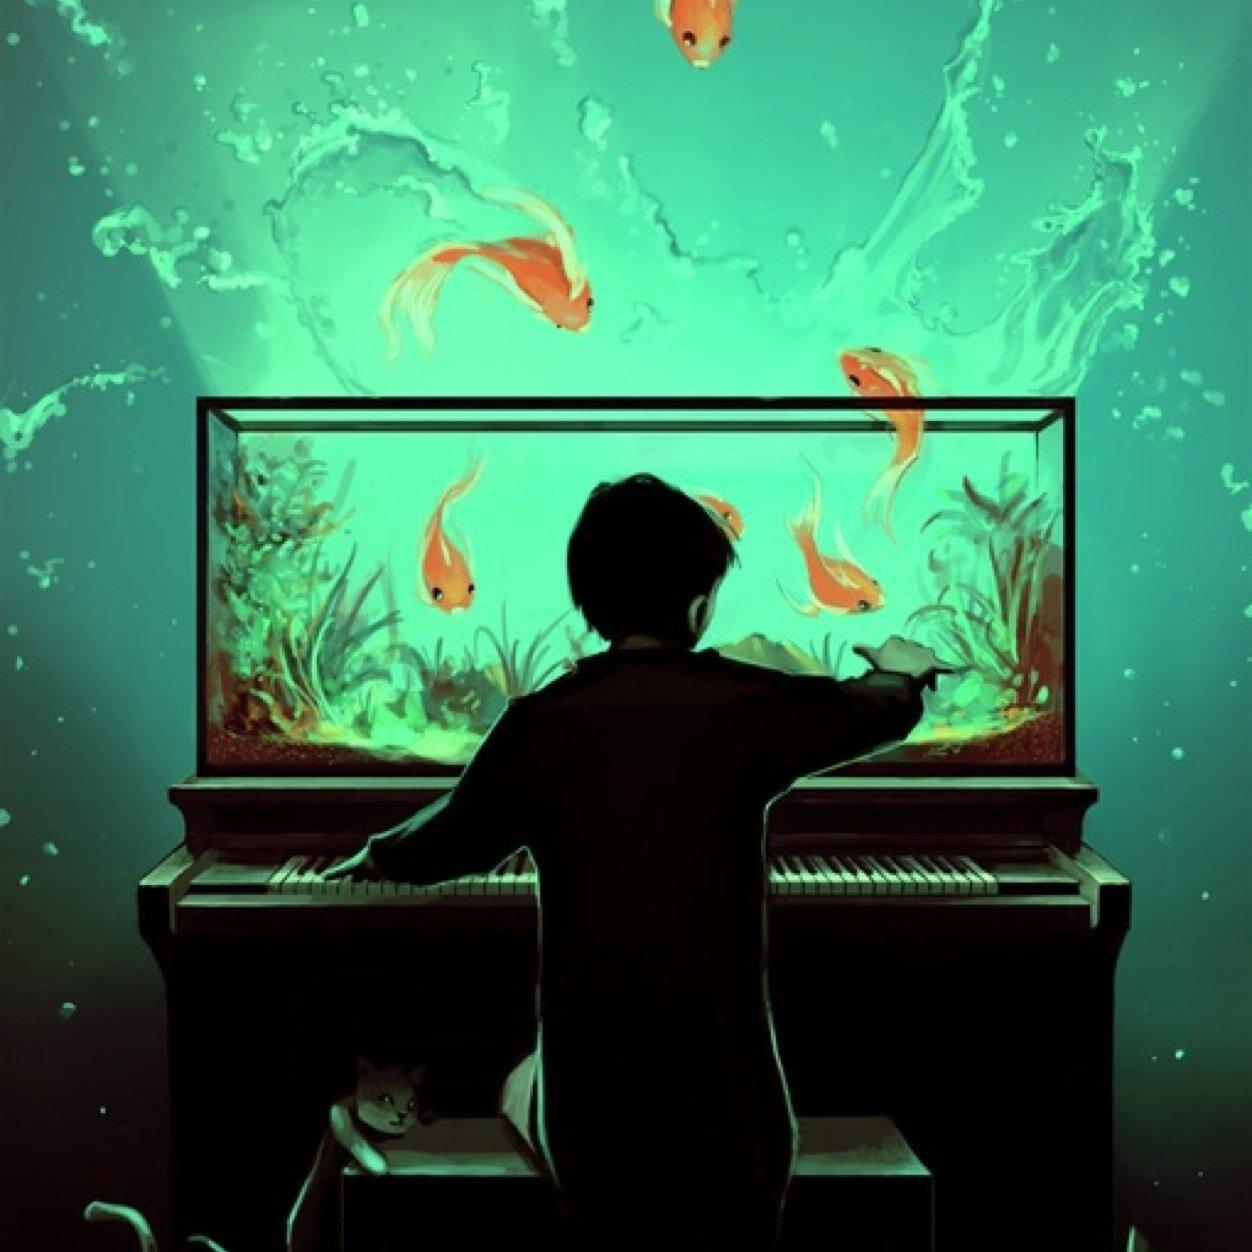 Fish tank drawing pictures - Blah